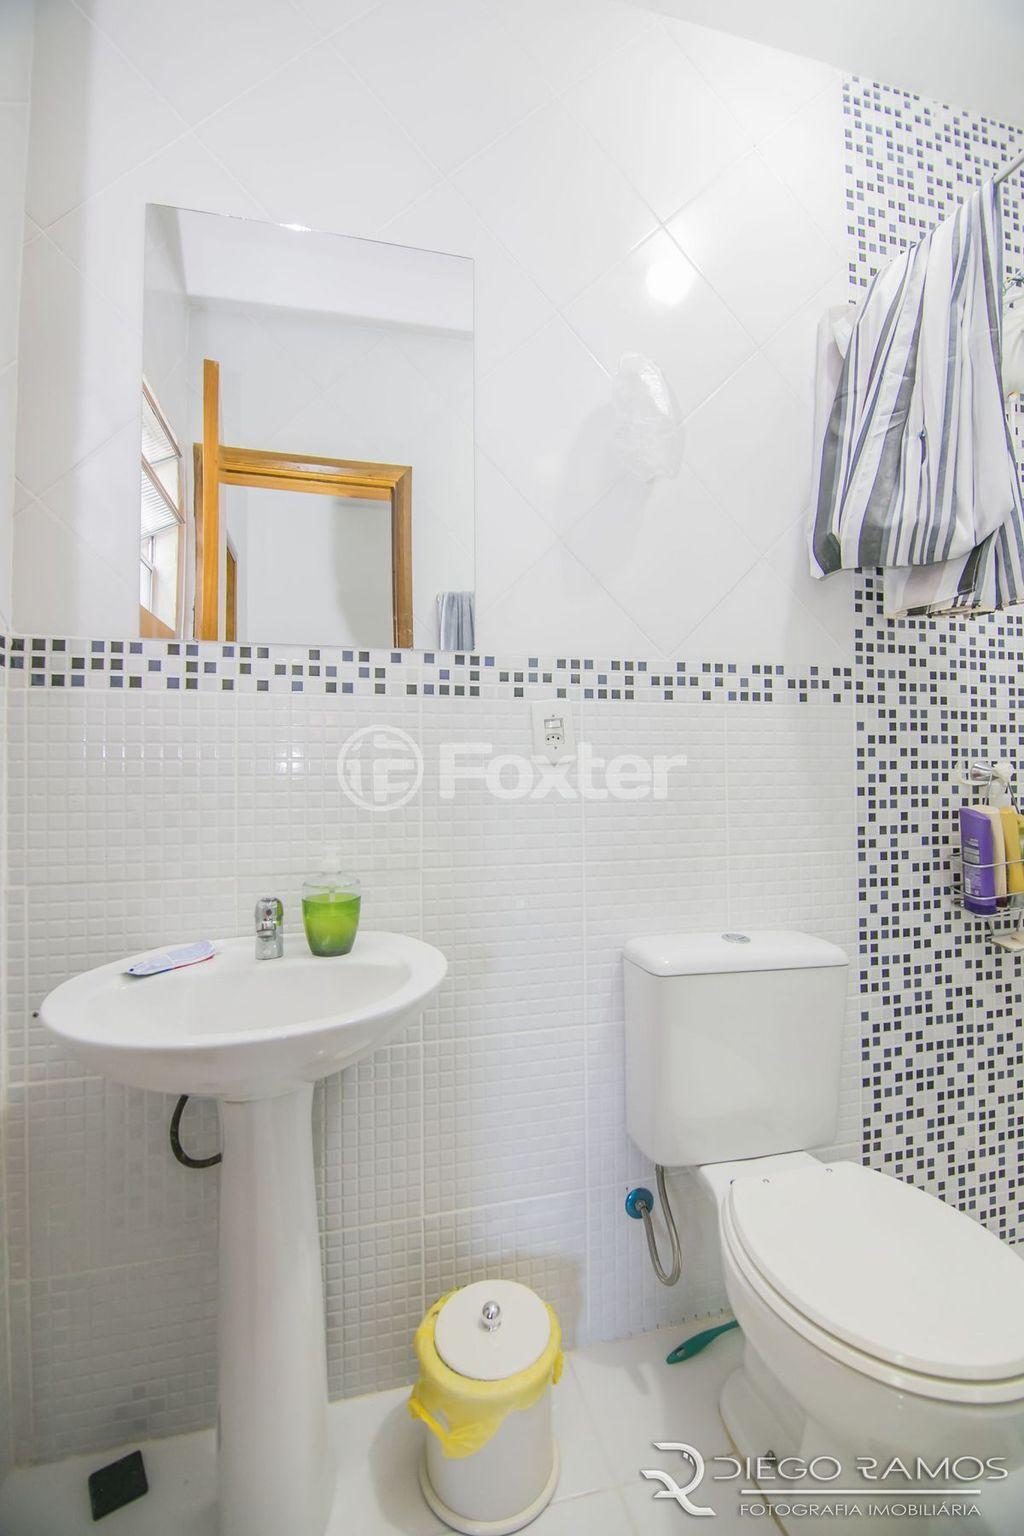 Foxter Imobiliária - Casa 3 Dorm, Camaquã (132851) - Foto 19